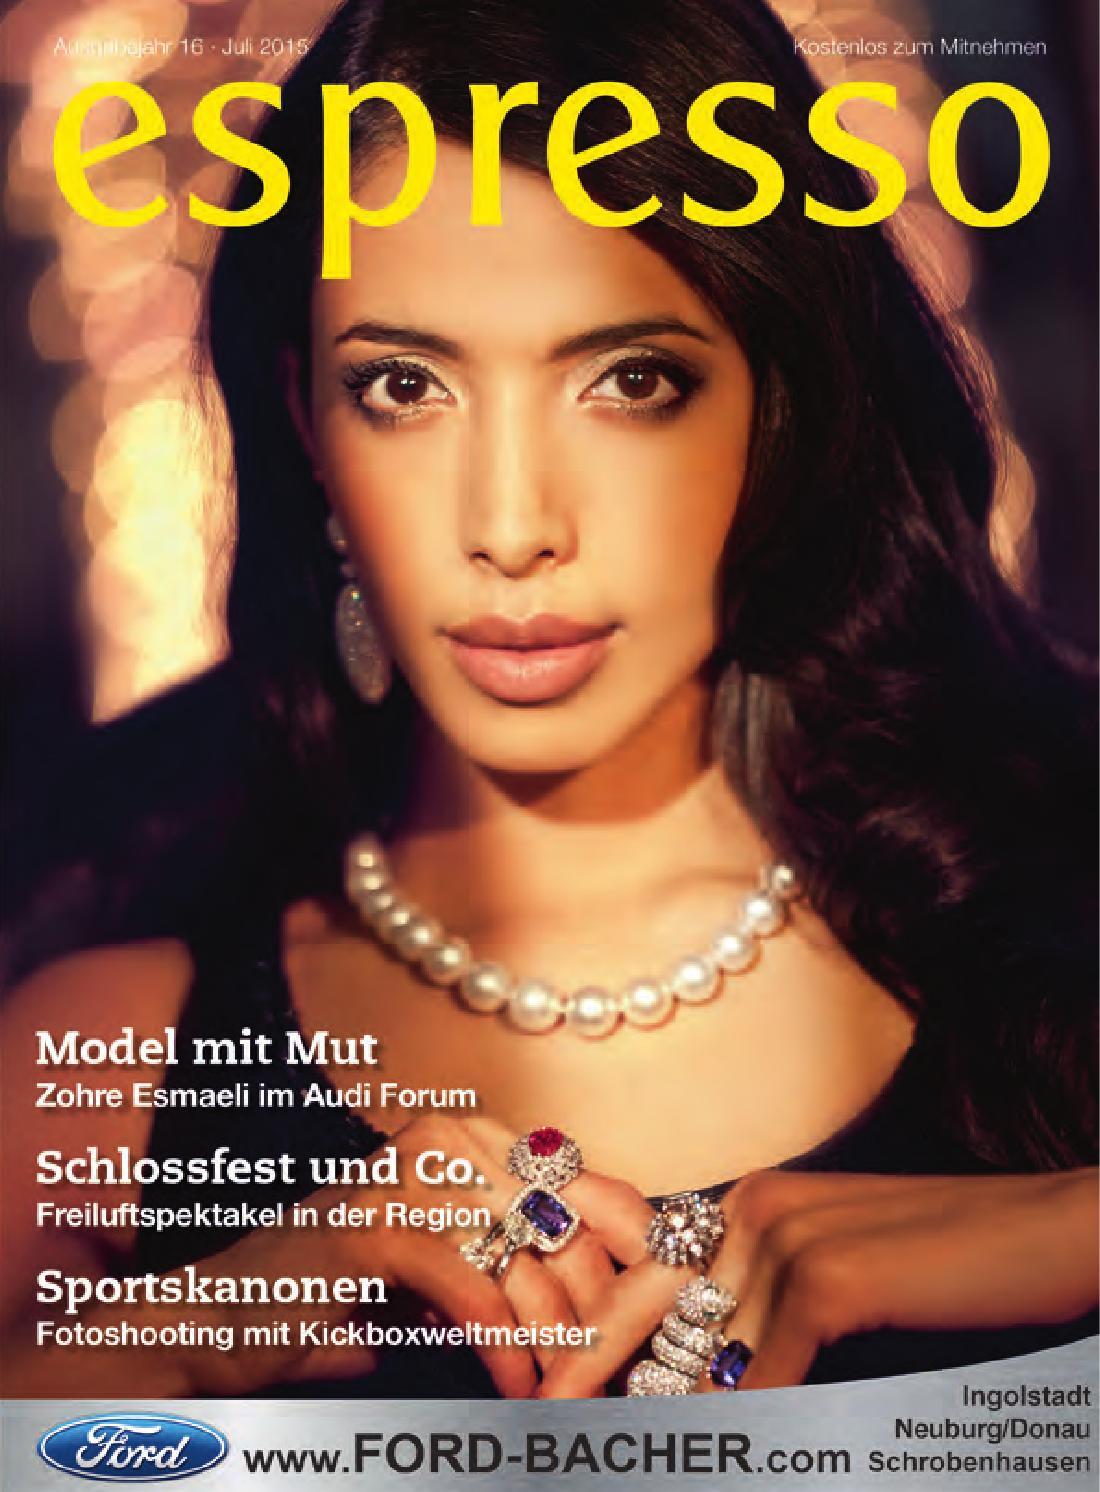 espresso Magazin Juli 2015 by espresso Magazin - issuu